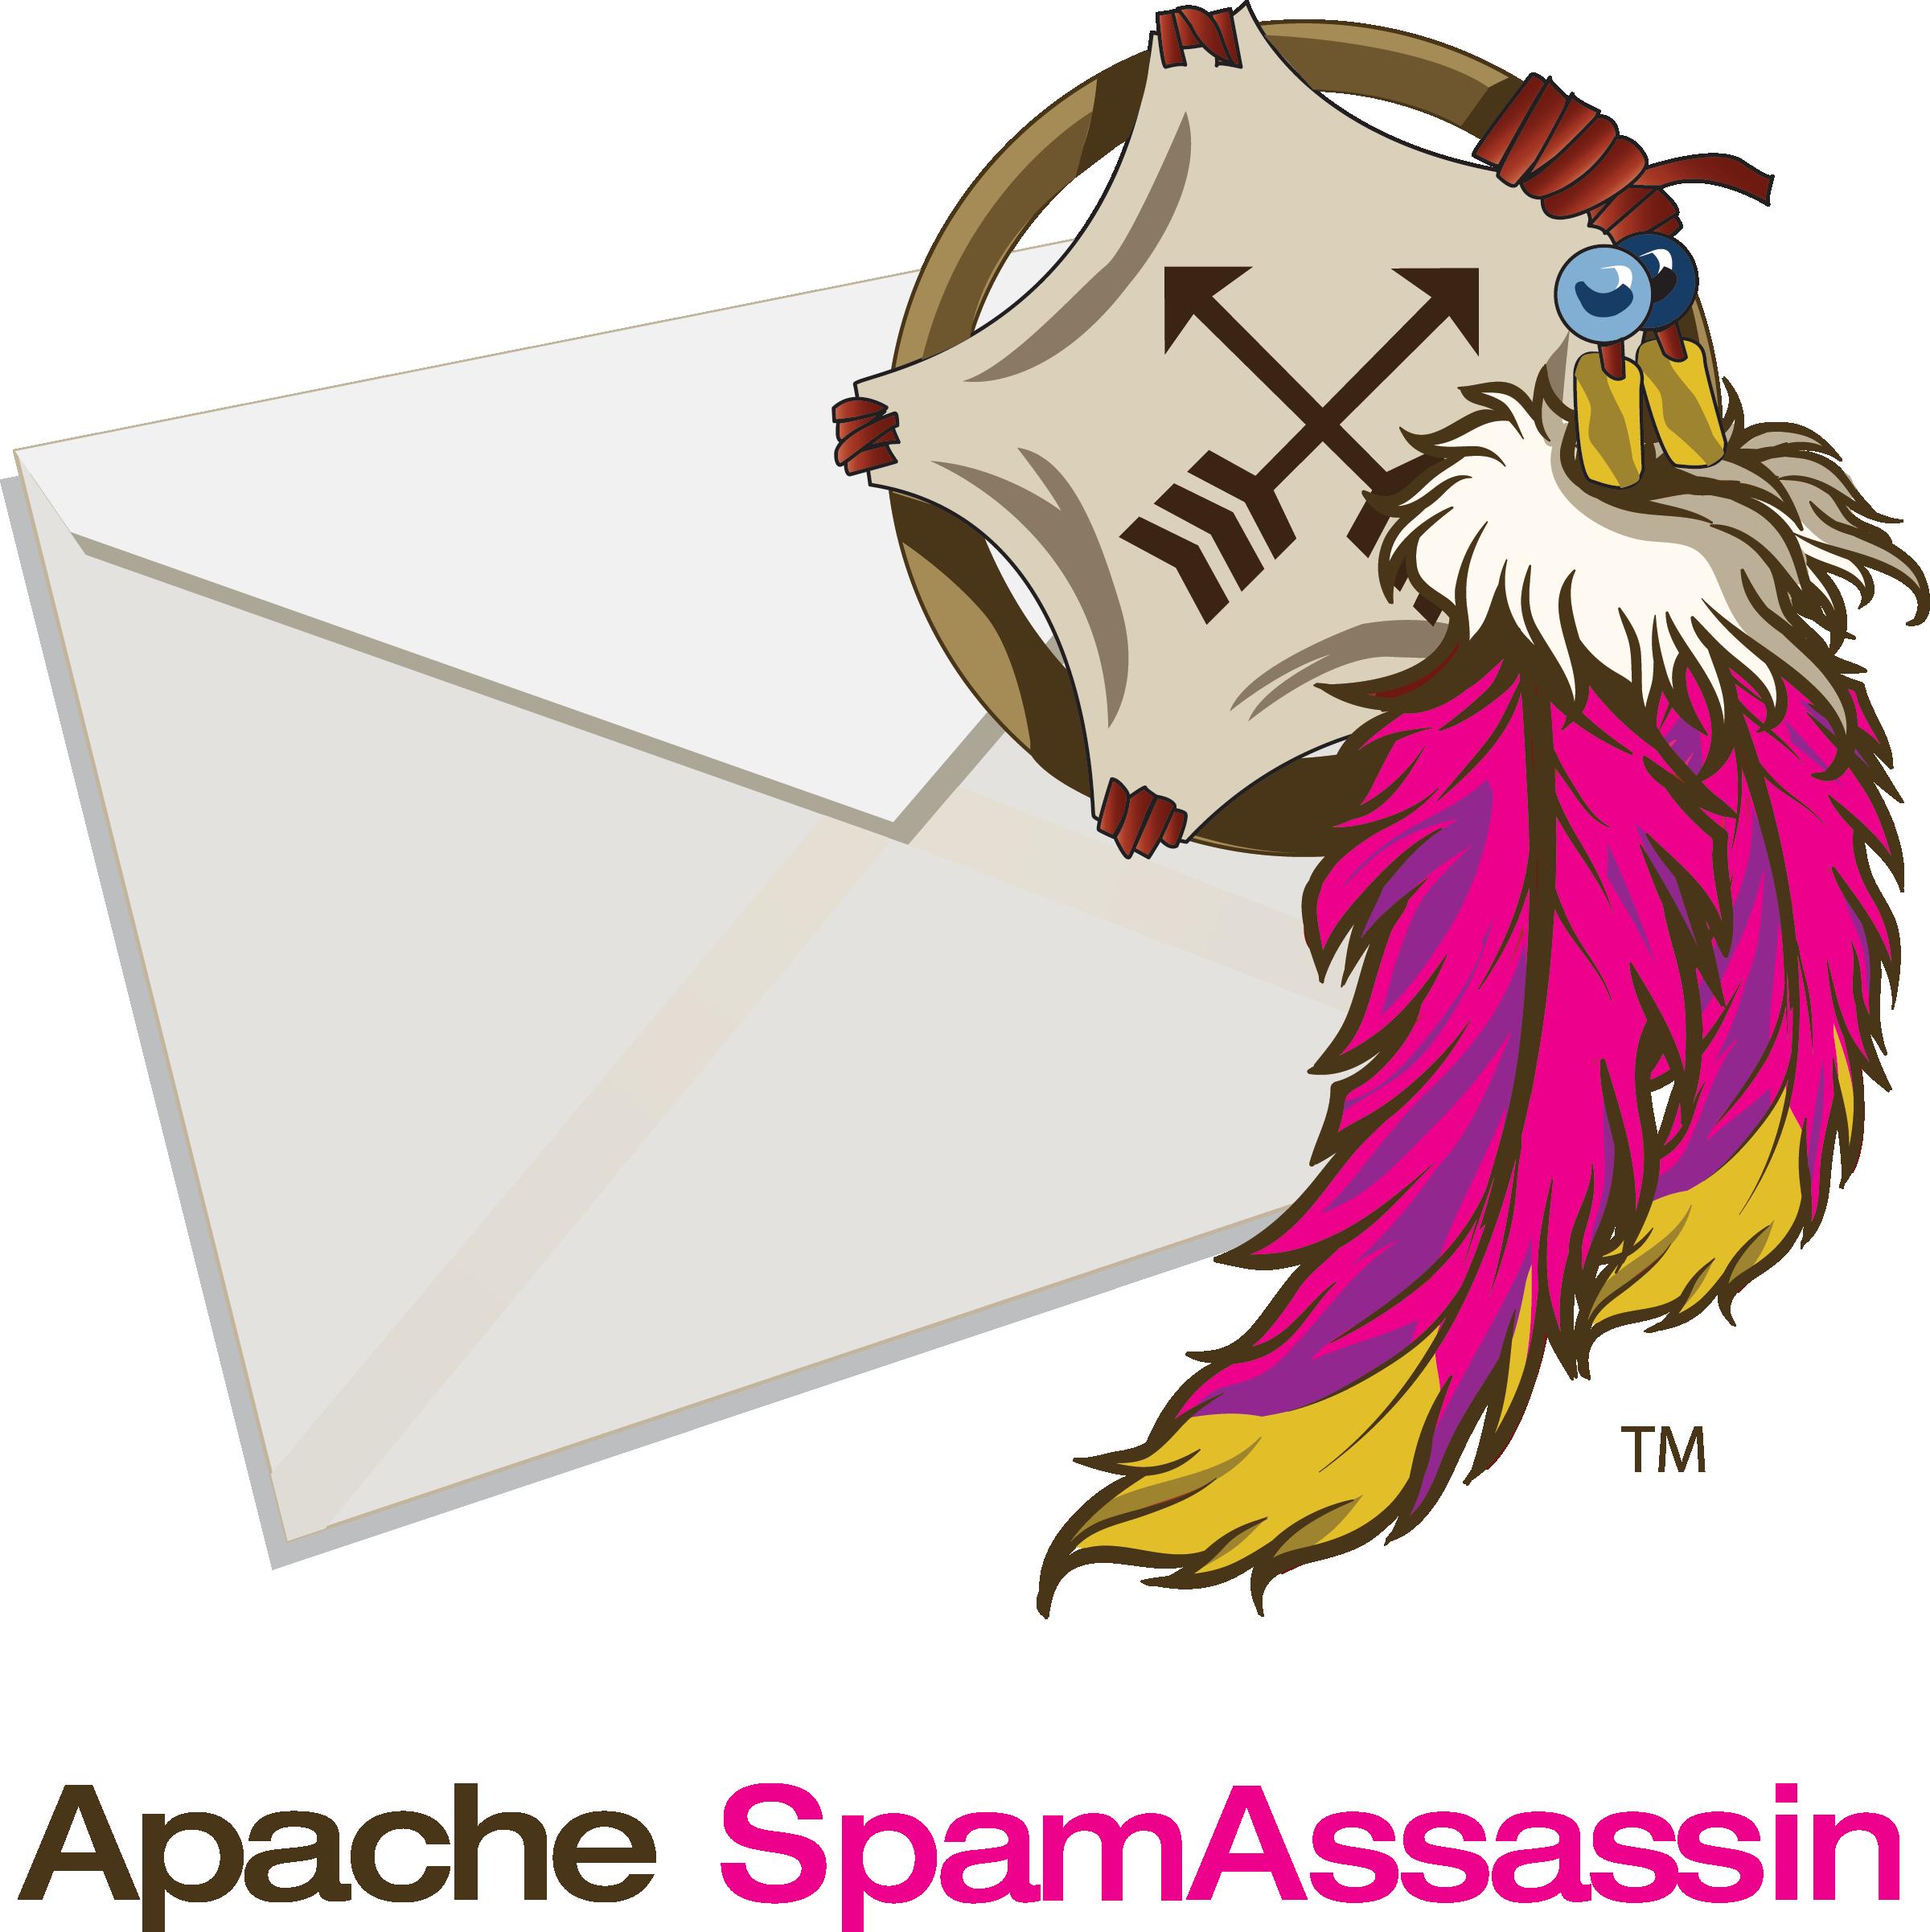 http://upload.wikimedia.org/wikipedia/commons/b/b7/SpamAssassin_logo.png